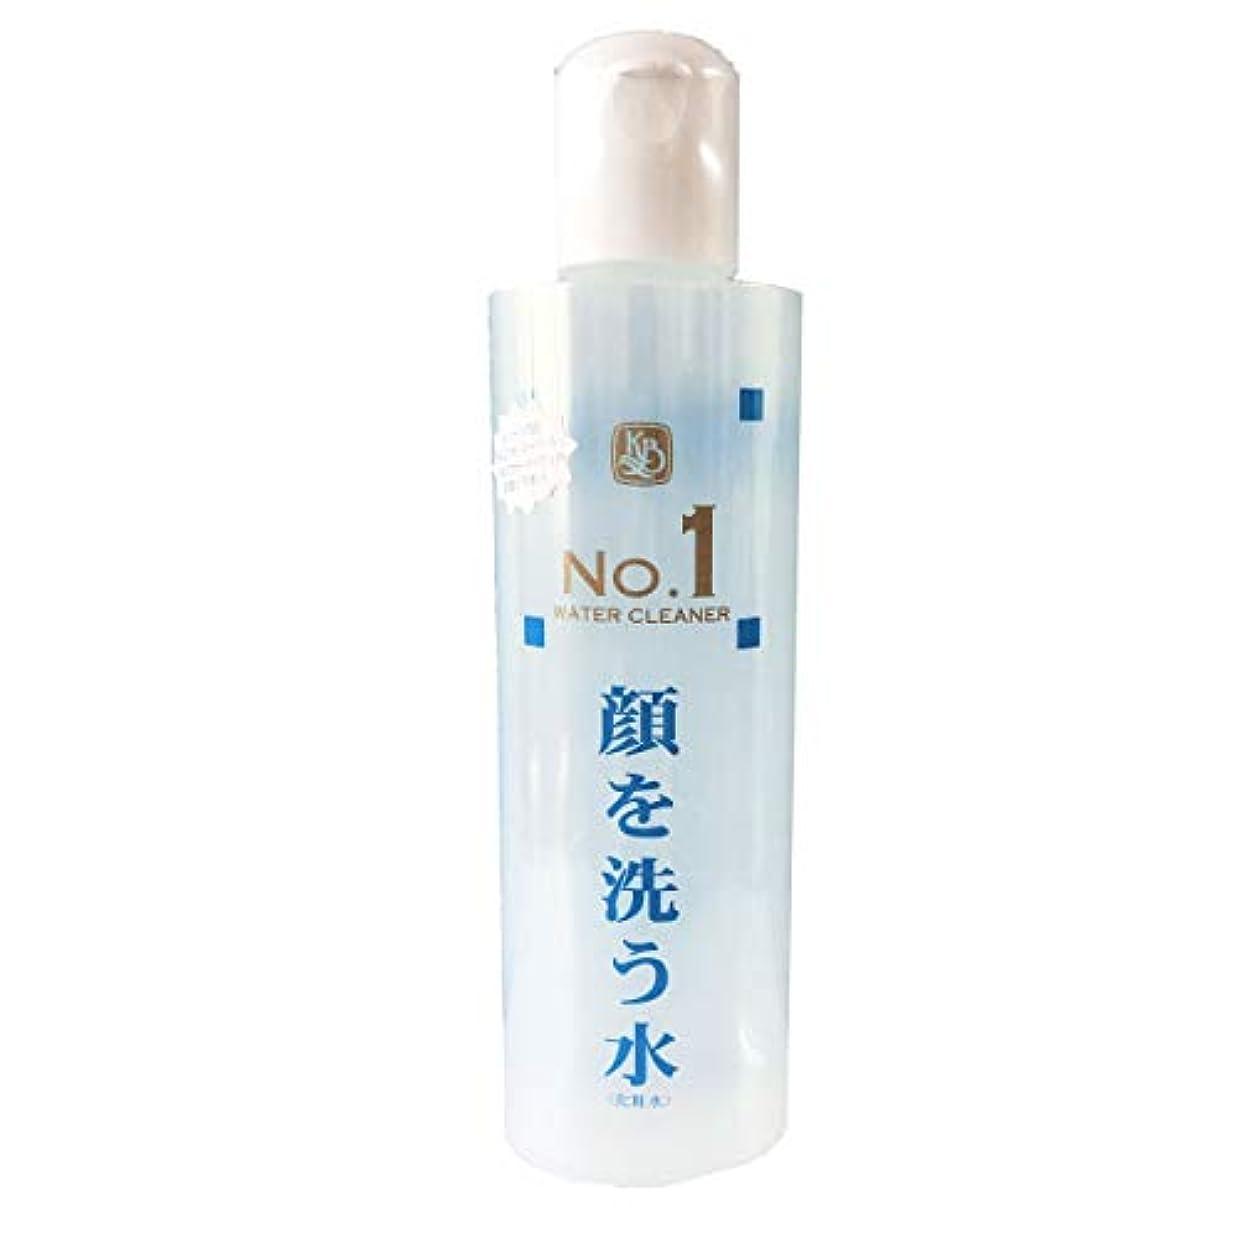 タイプ定期的な受取人顔を洗う水 ウォータークリーナーNo1 250ml